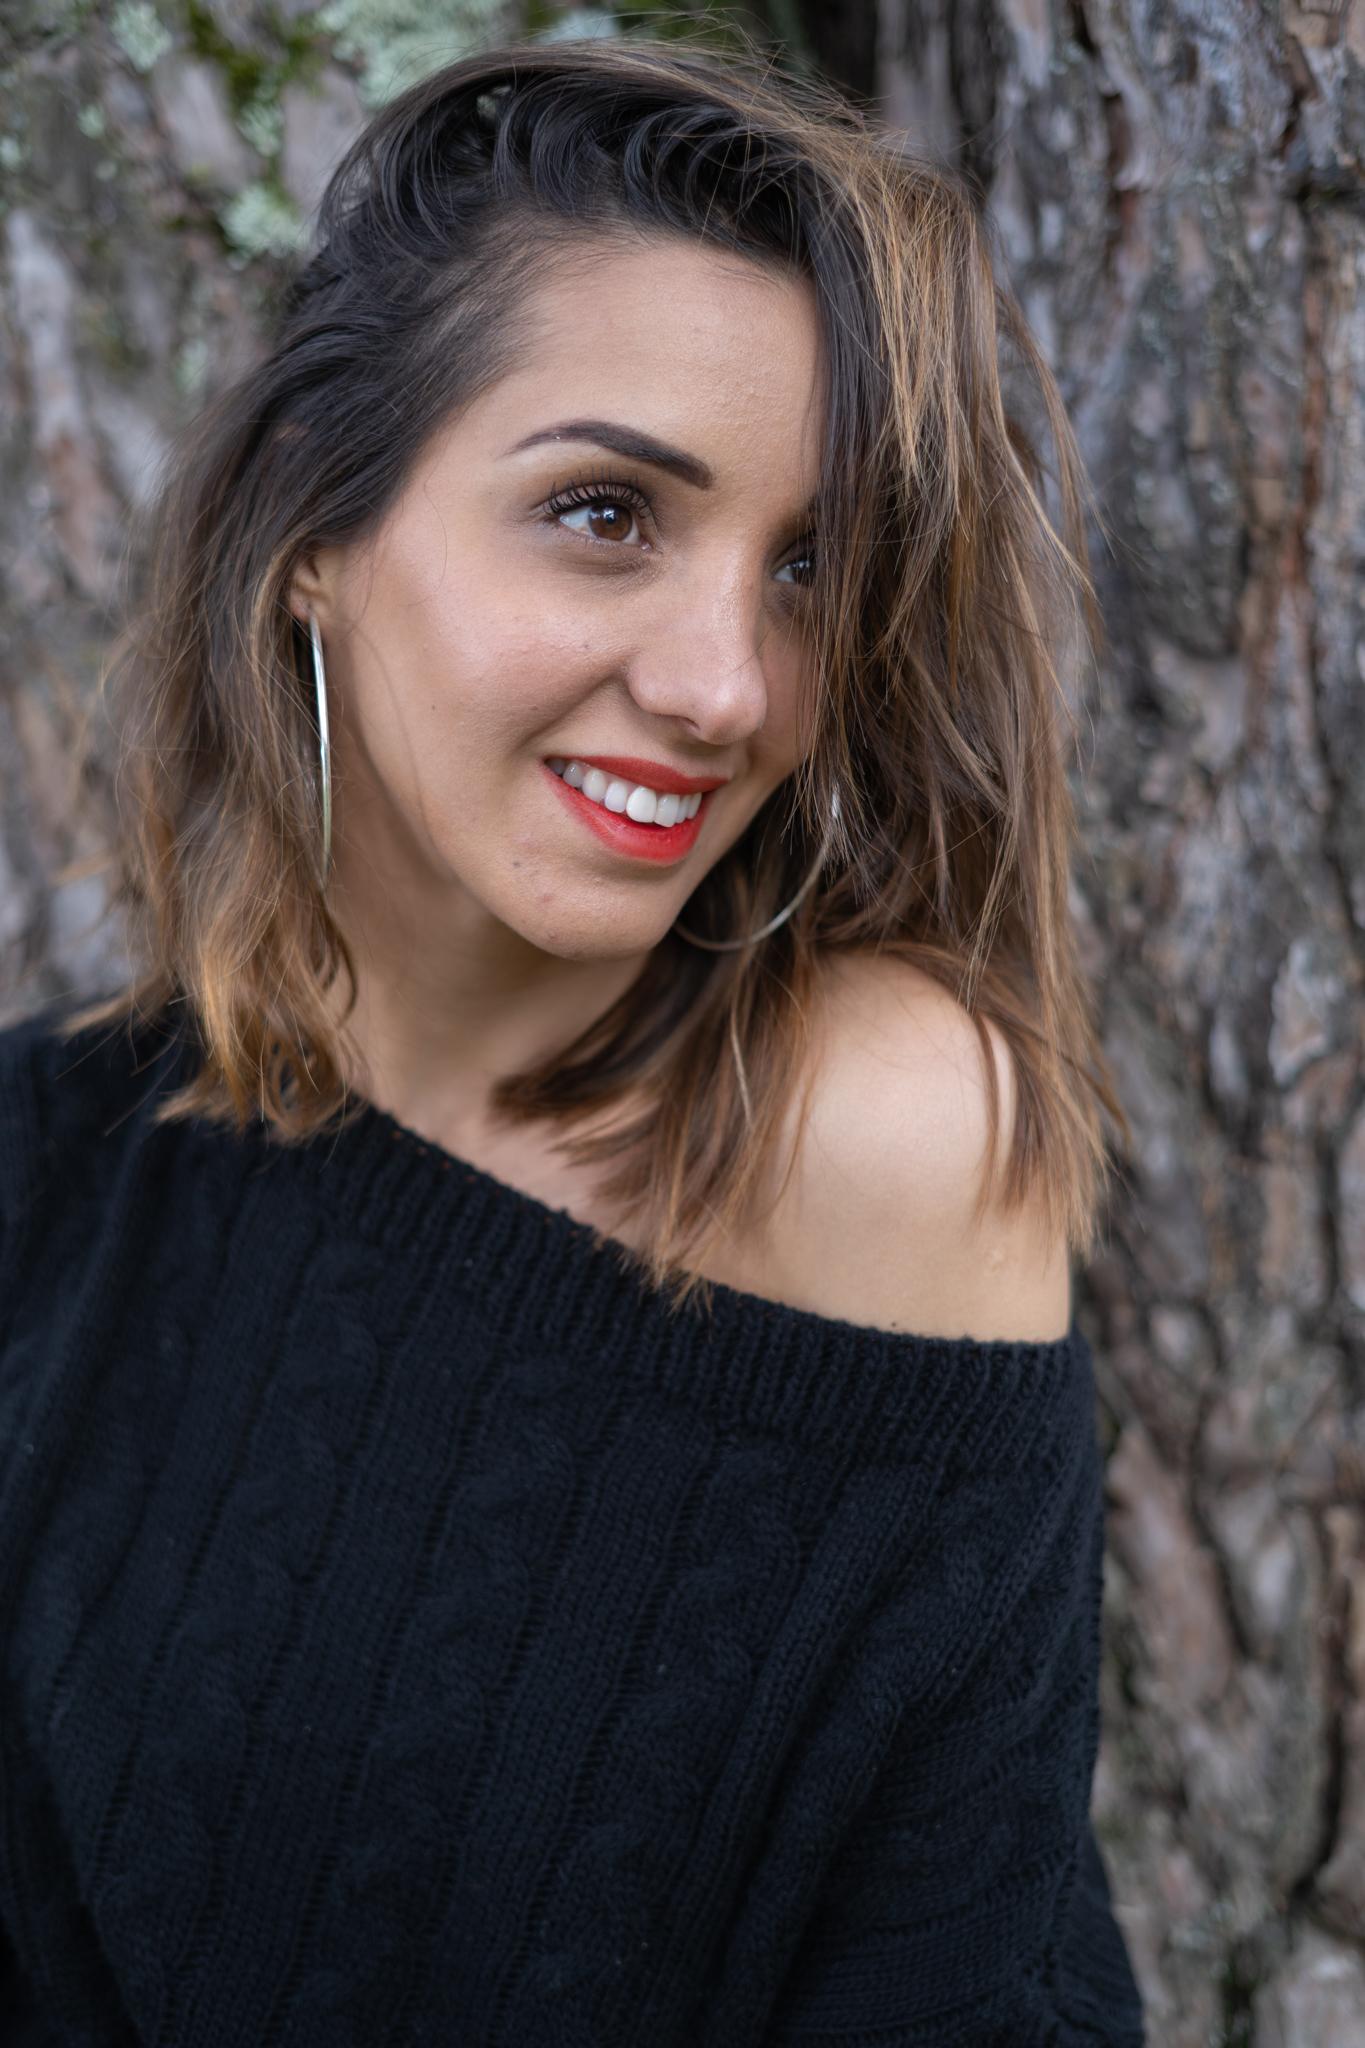 sourire dans les bois